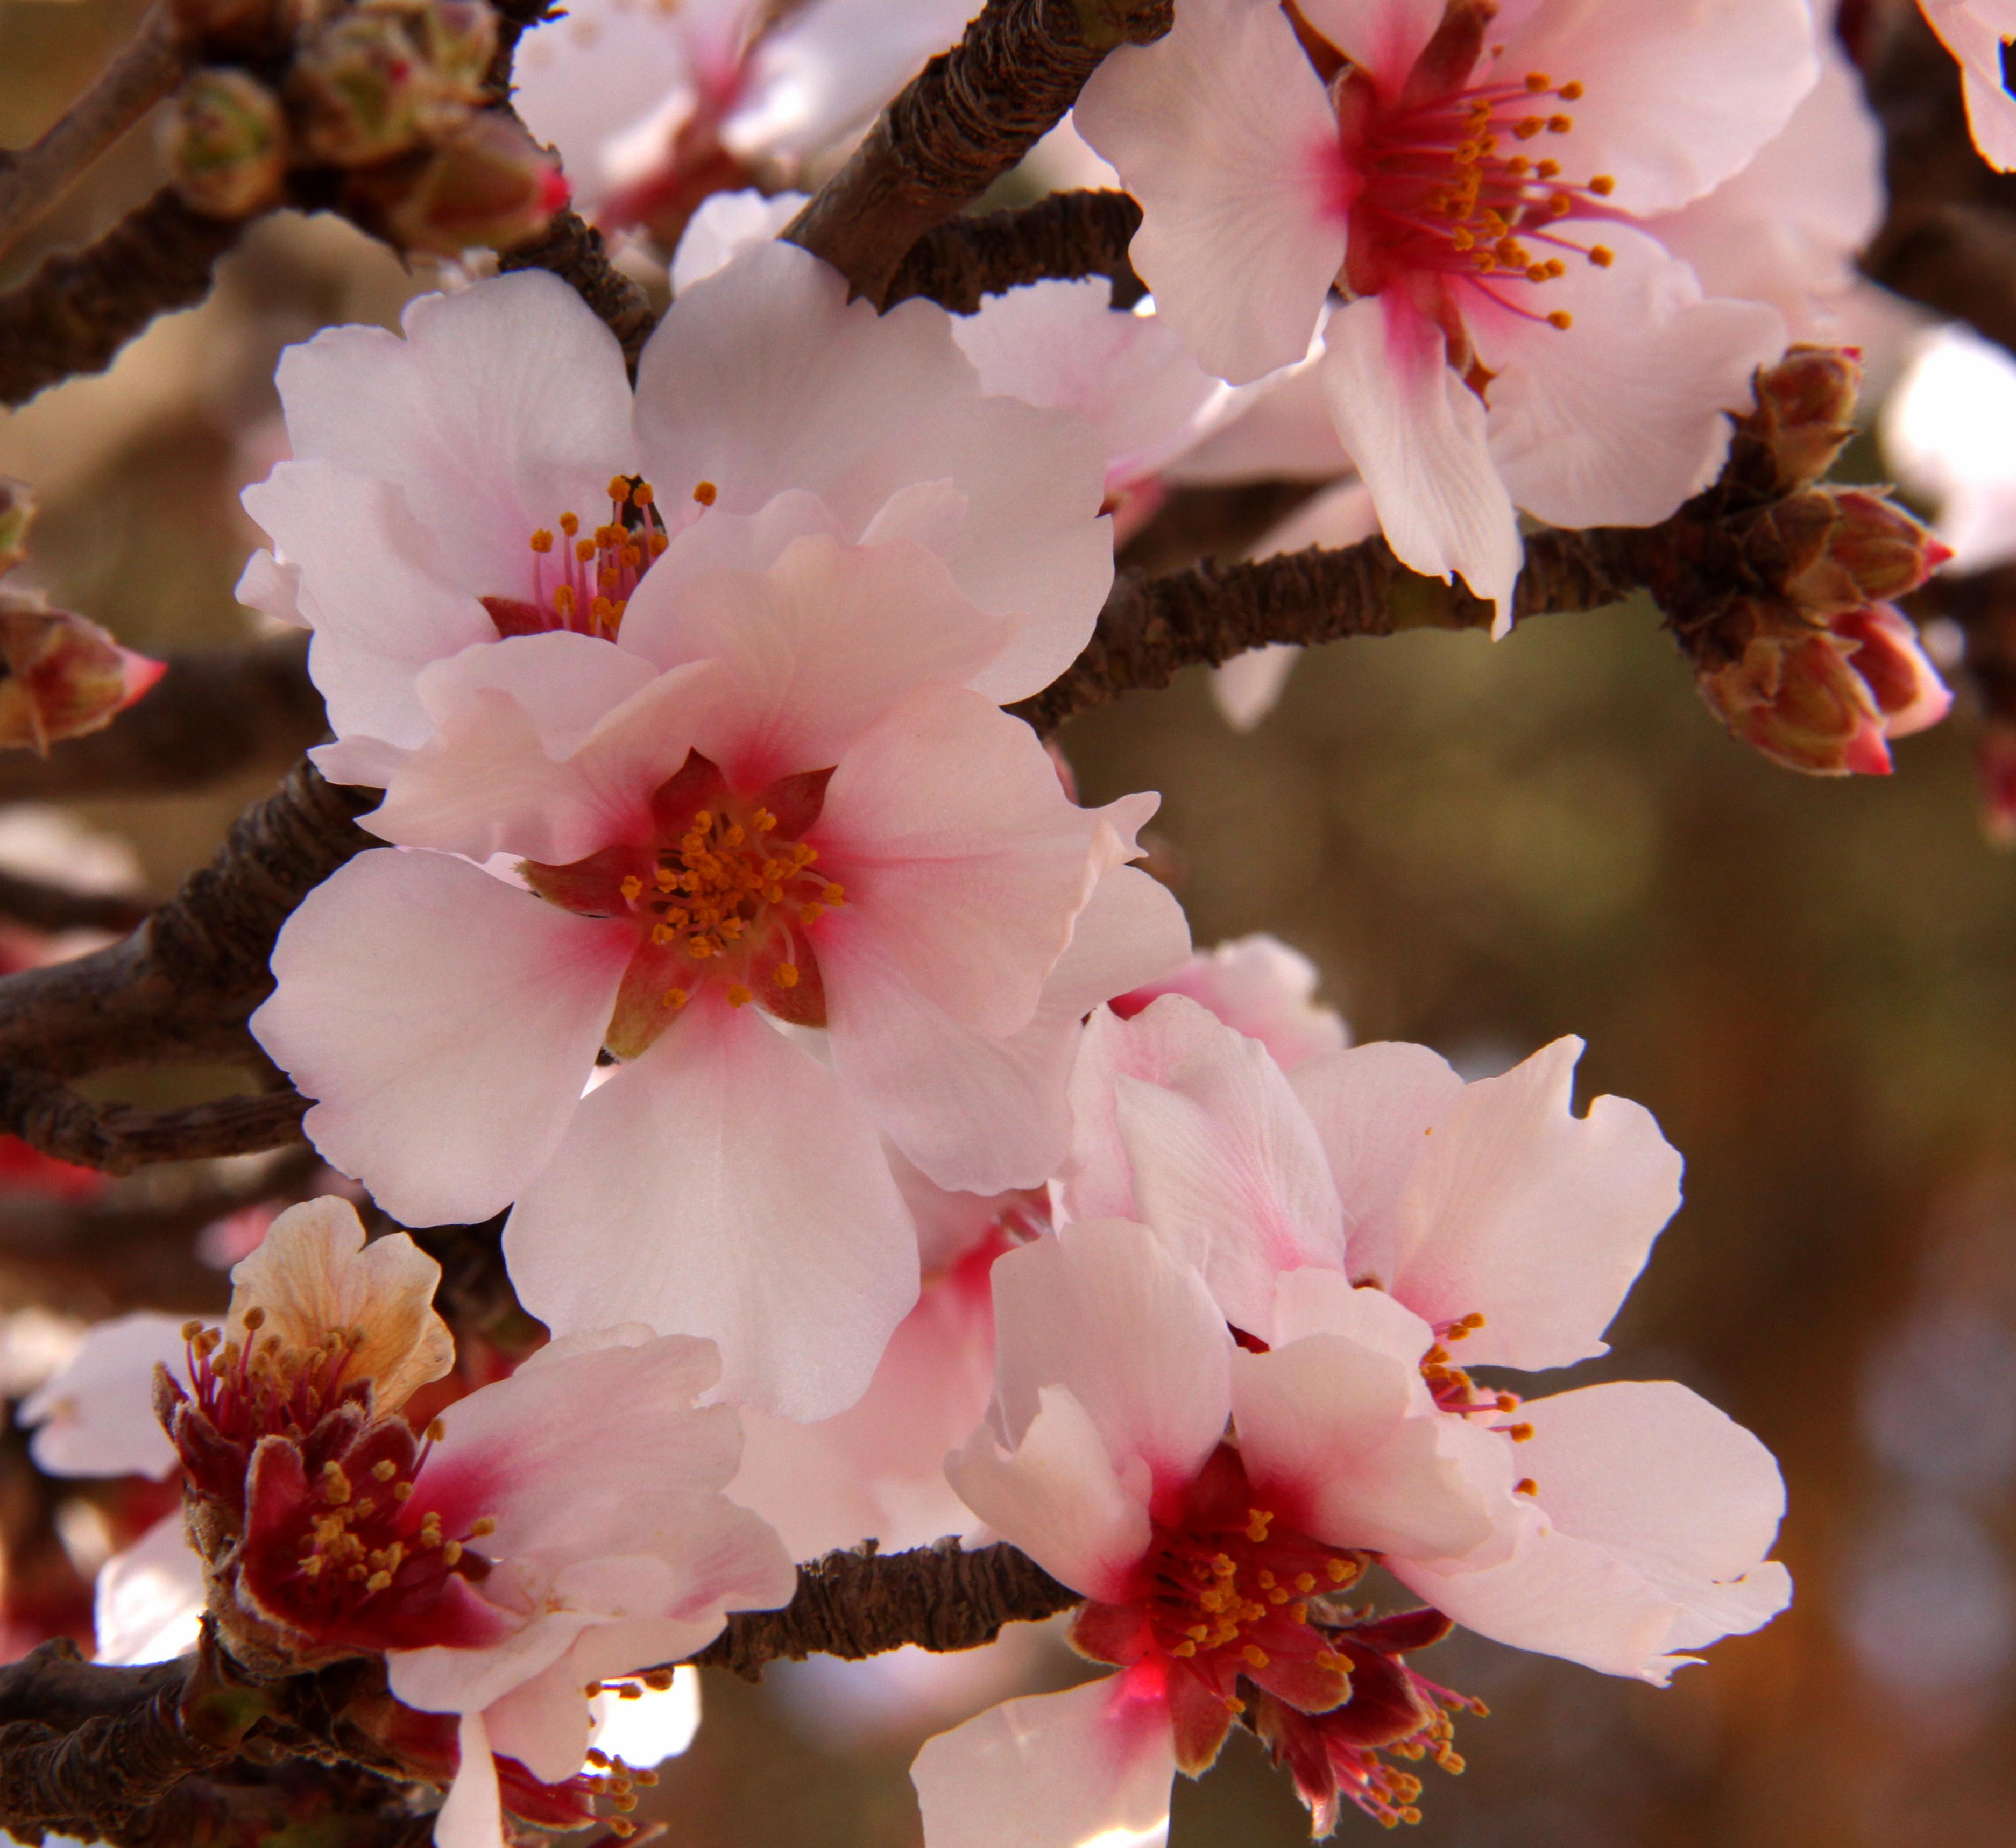 Masses of flowering